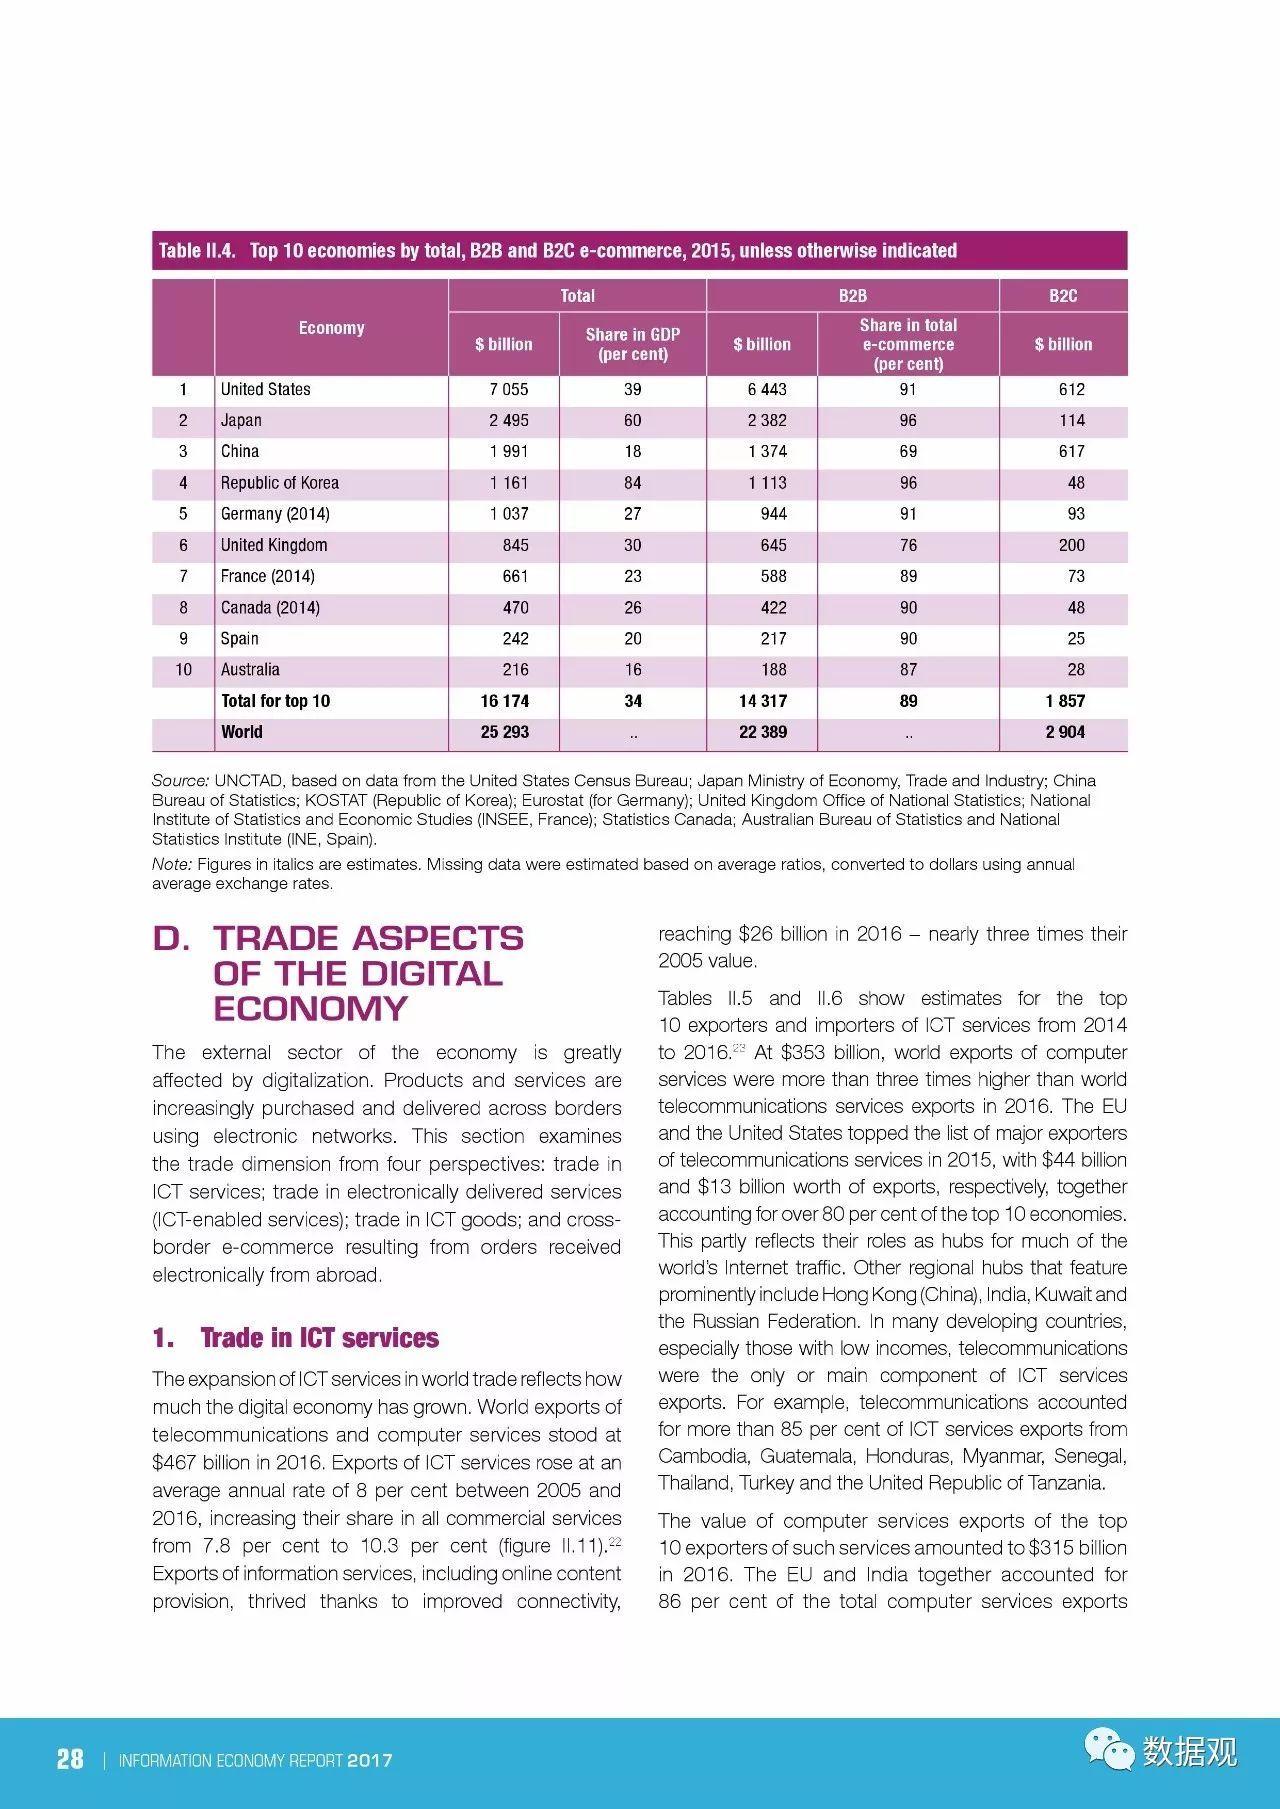 2017年信息经济总量_德国经济总量世界排名